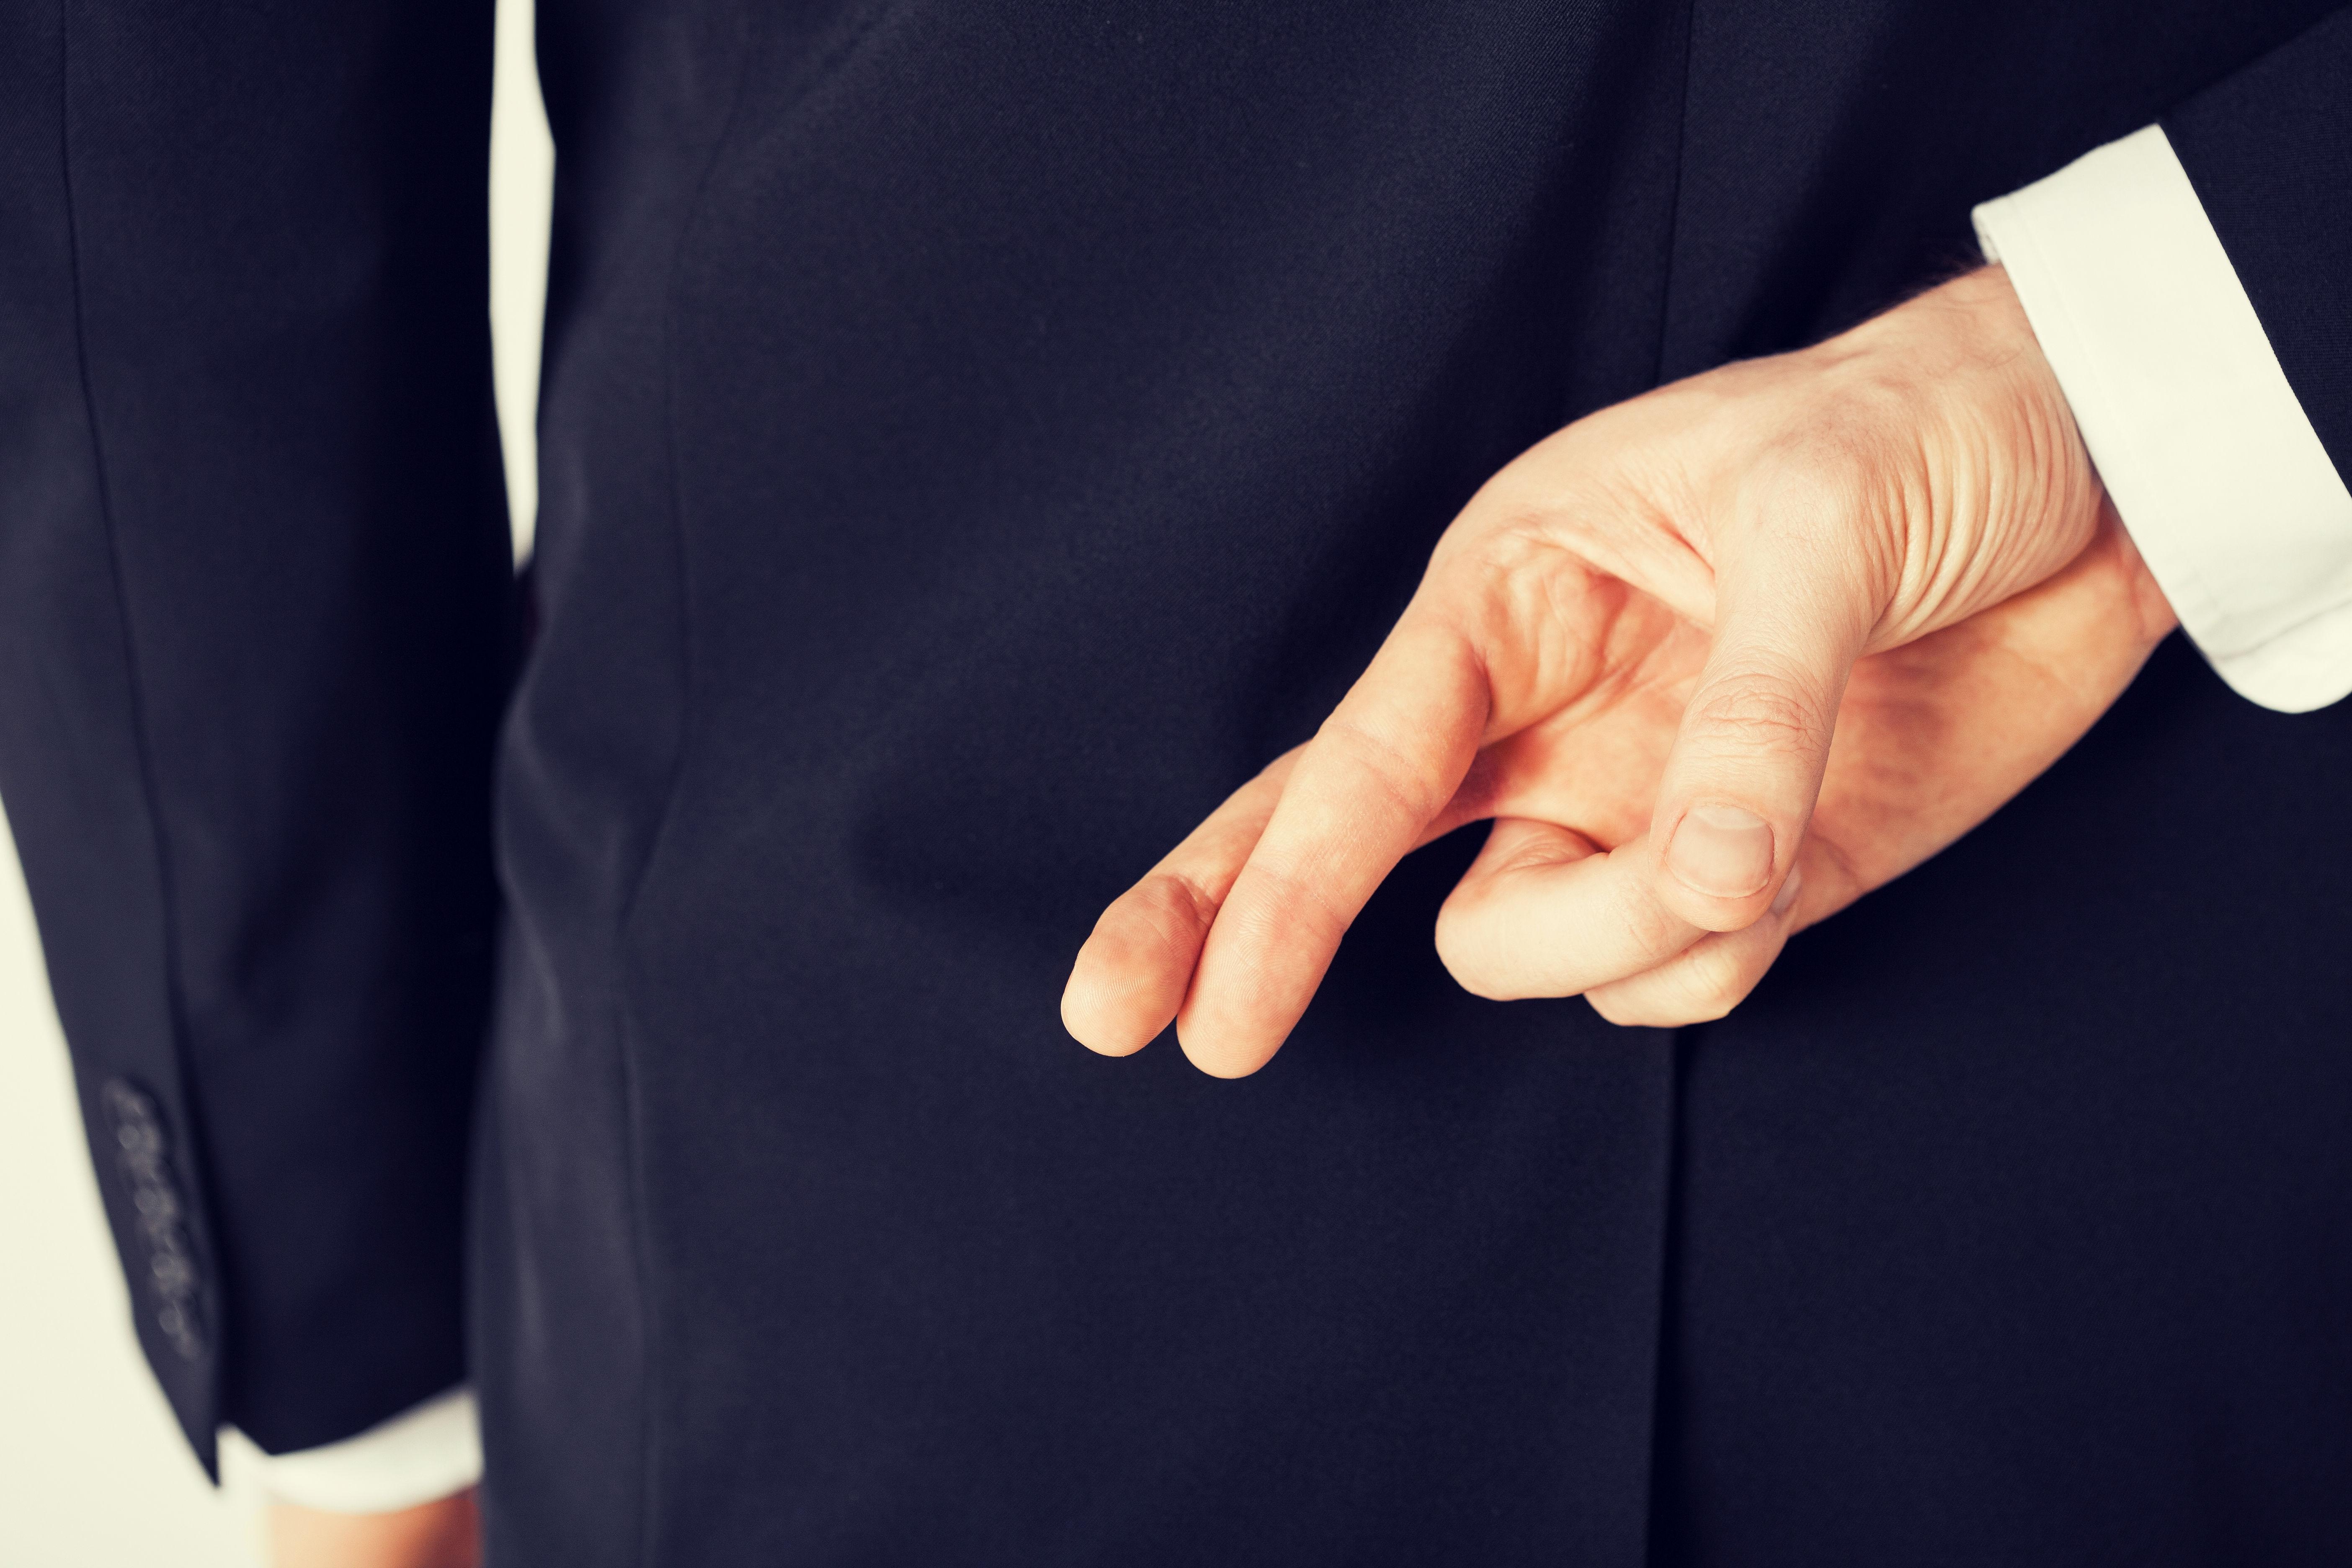 挣扎、投机、暴富与欺骗:有关移动广告的4个故事